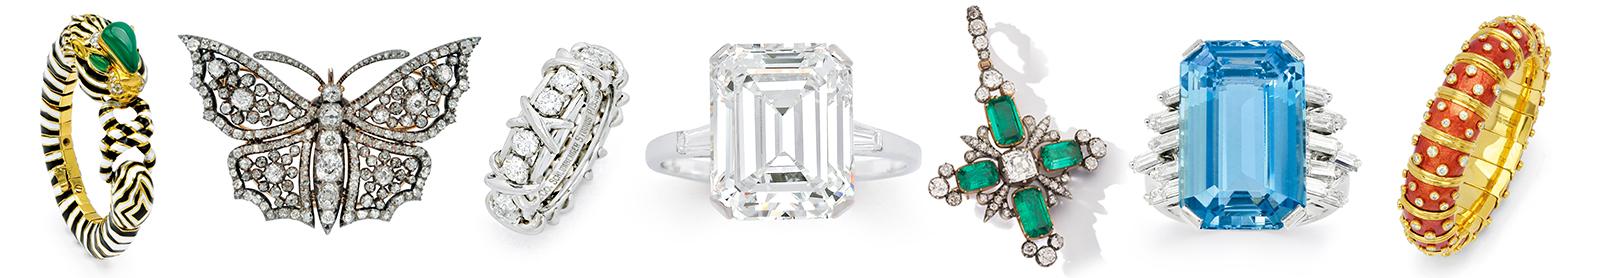 Important Jewels Auction